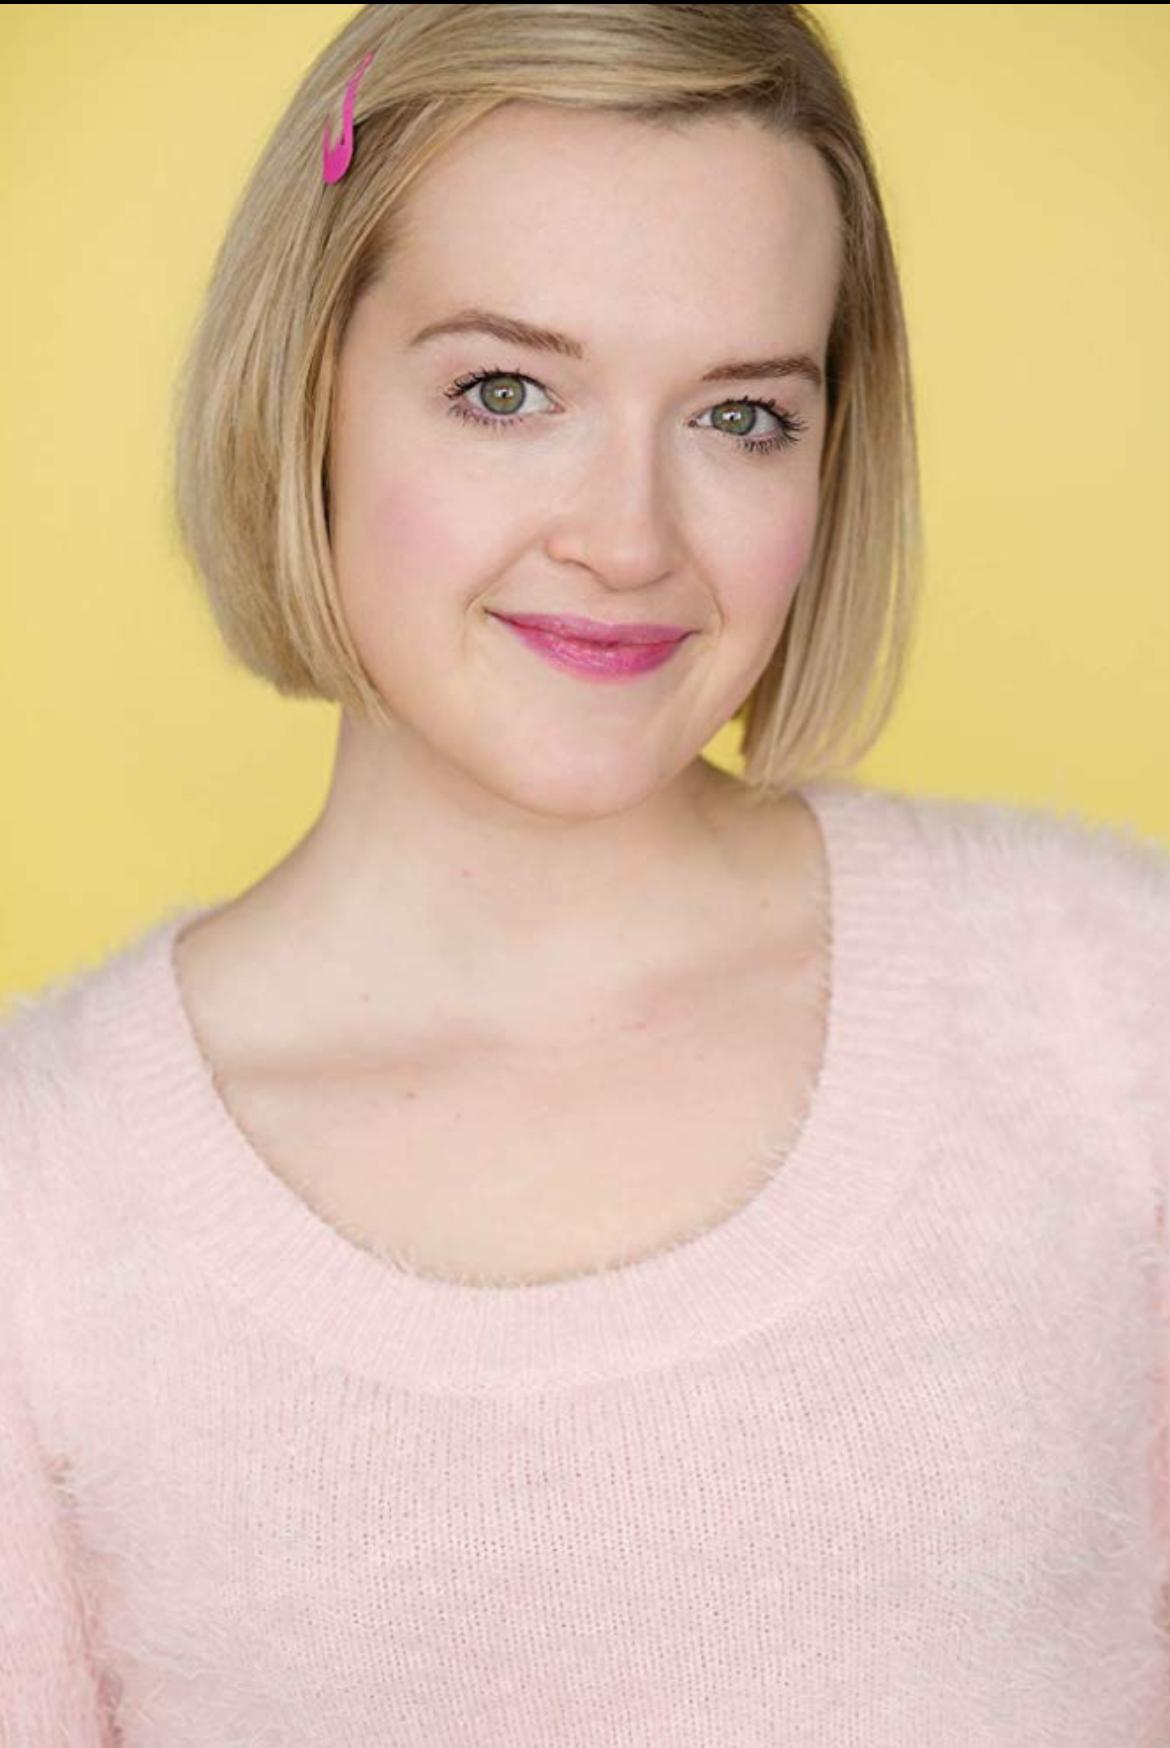 Simone McAlonen